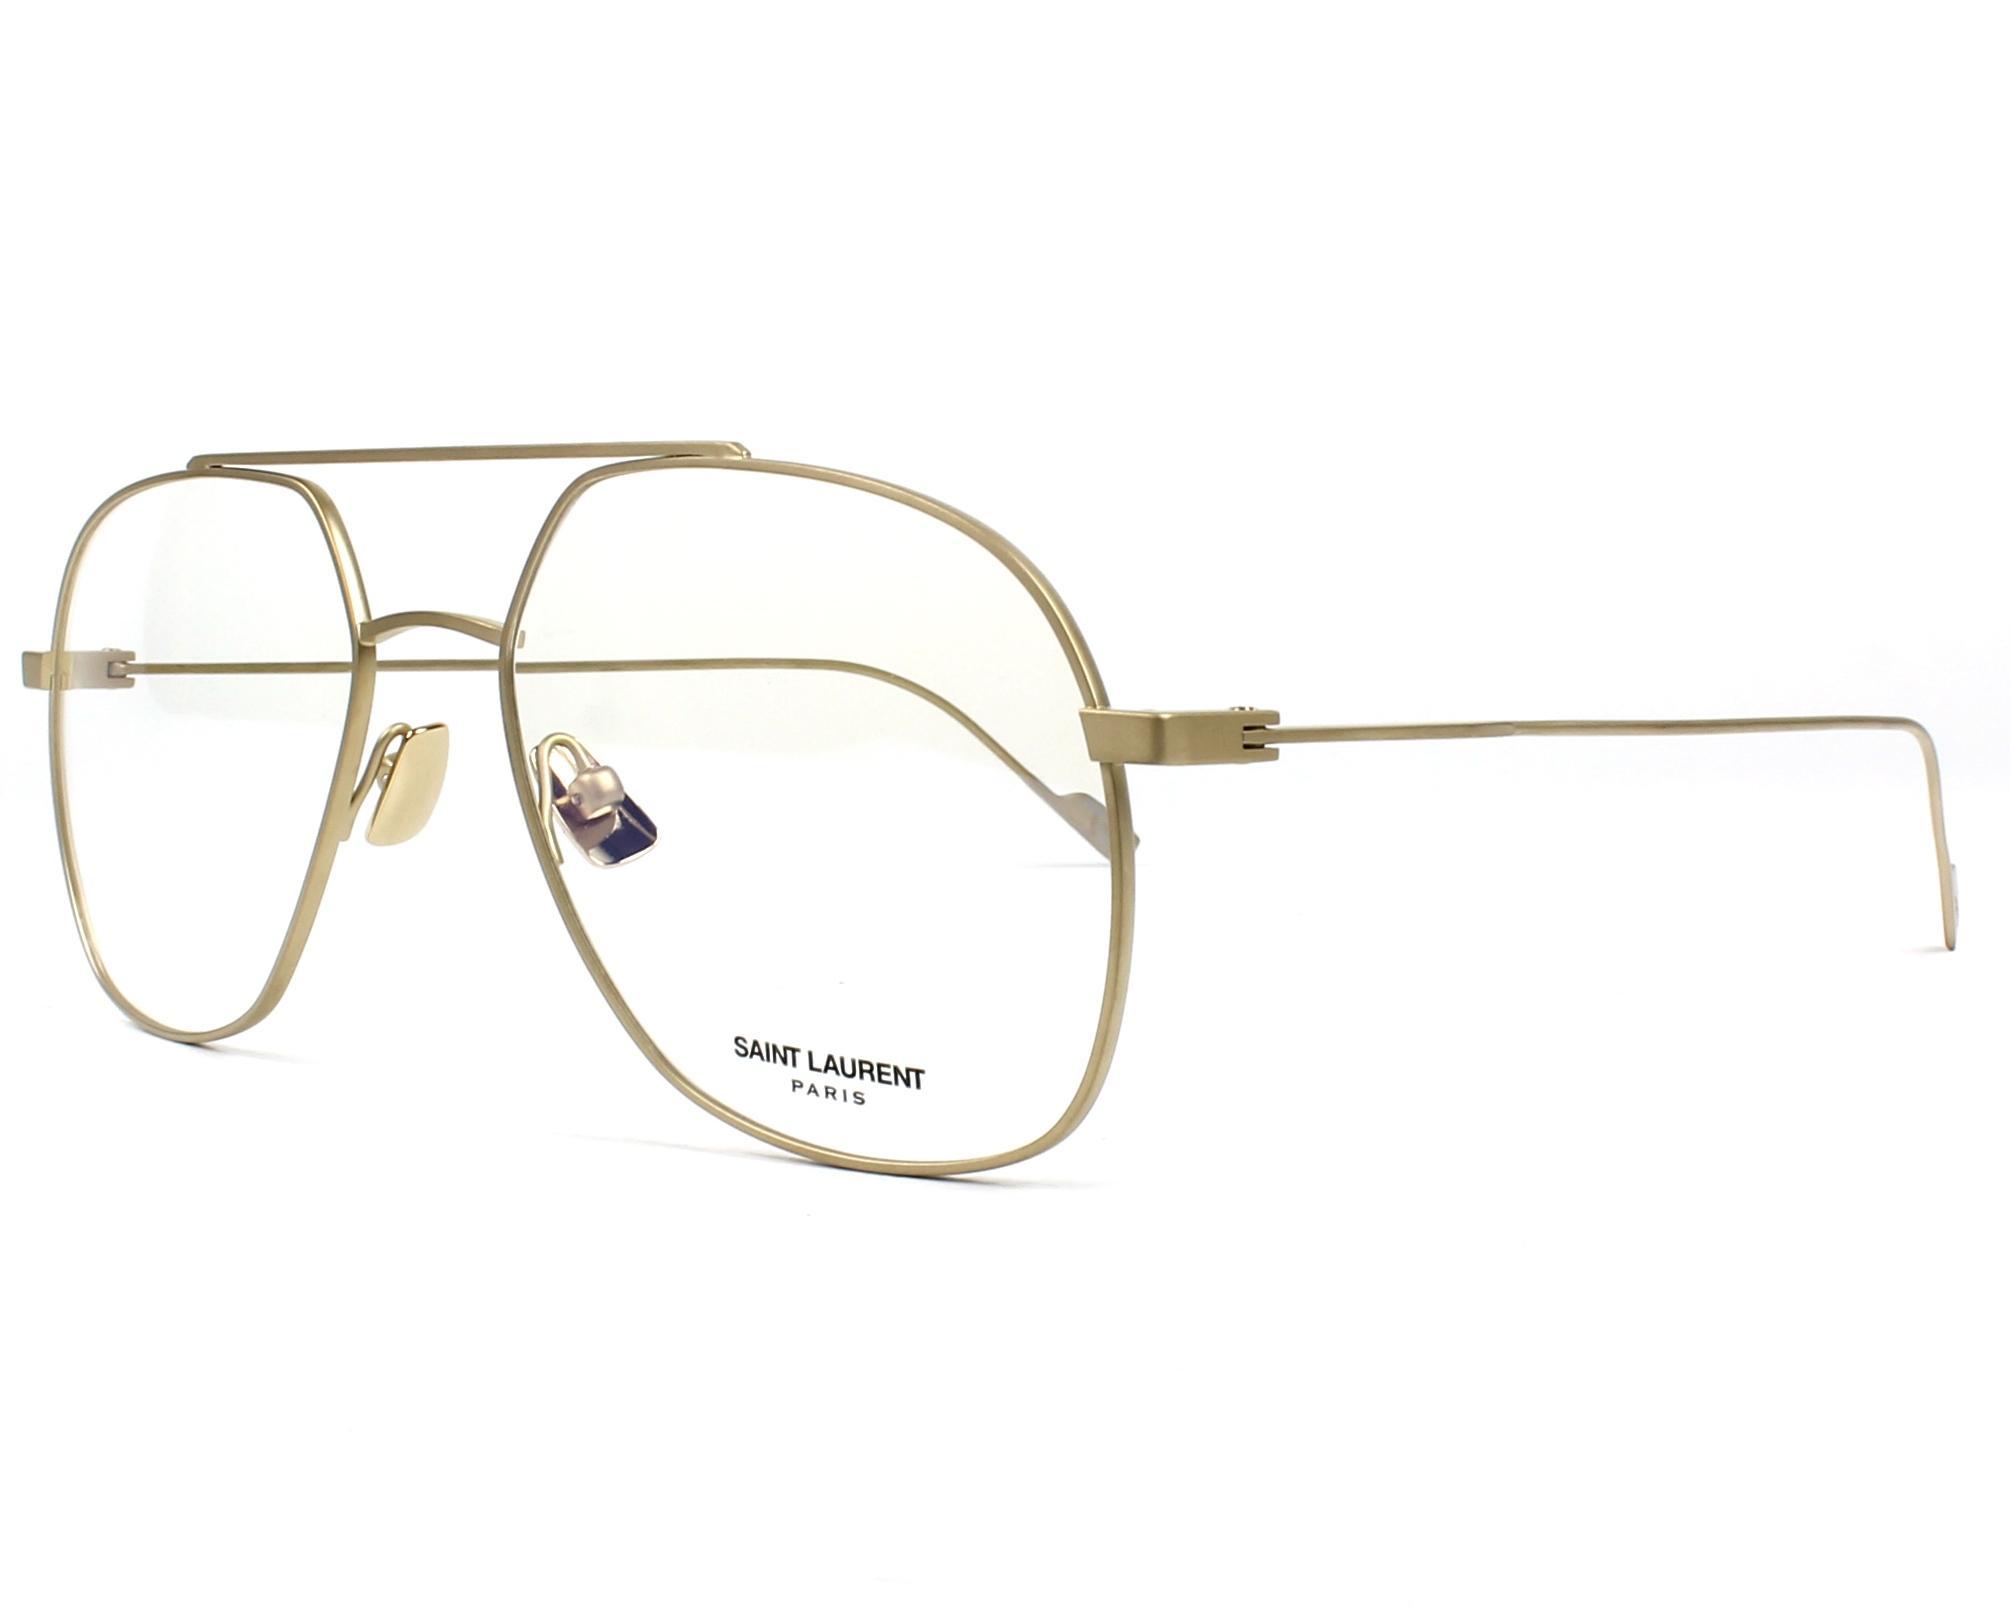 Yves Saint Laurent Eyeglasses Sl 194 T 003 Gold Visionet